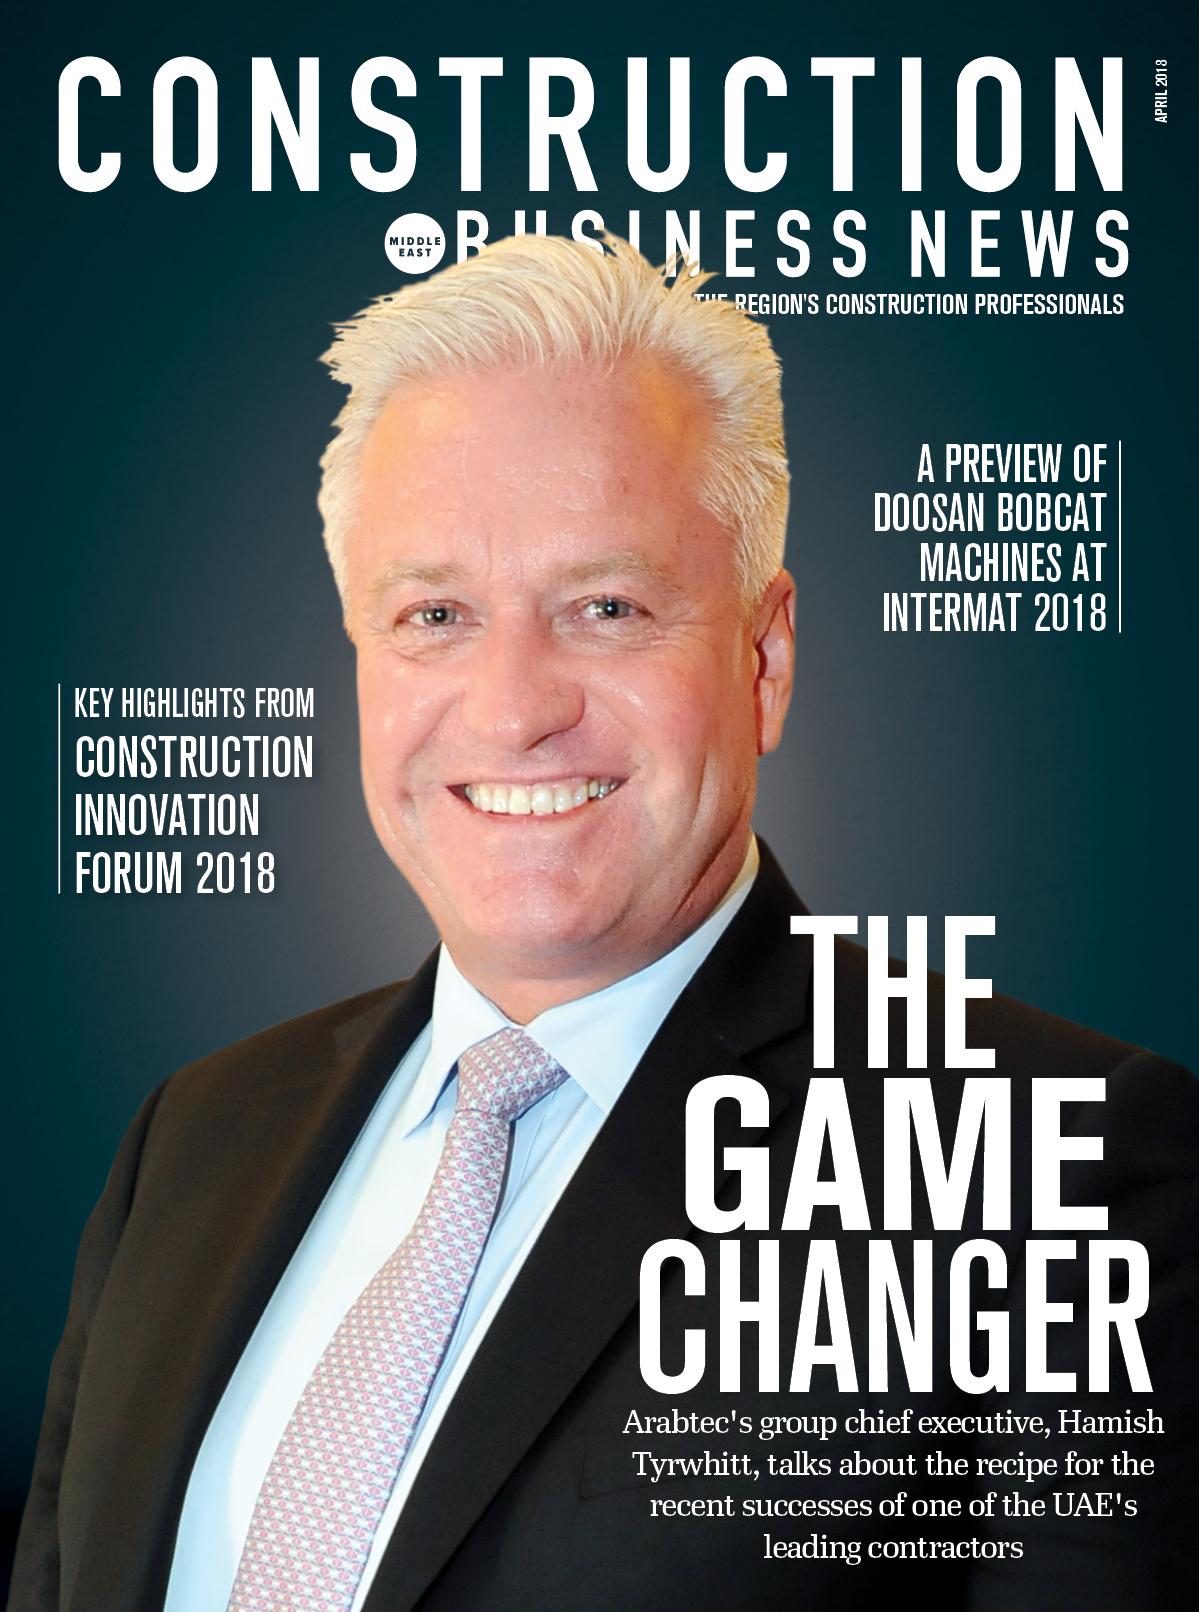 http://www.cbnme.com/magazines/construction-business-news-april-2018/